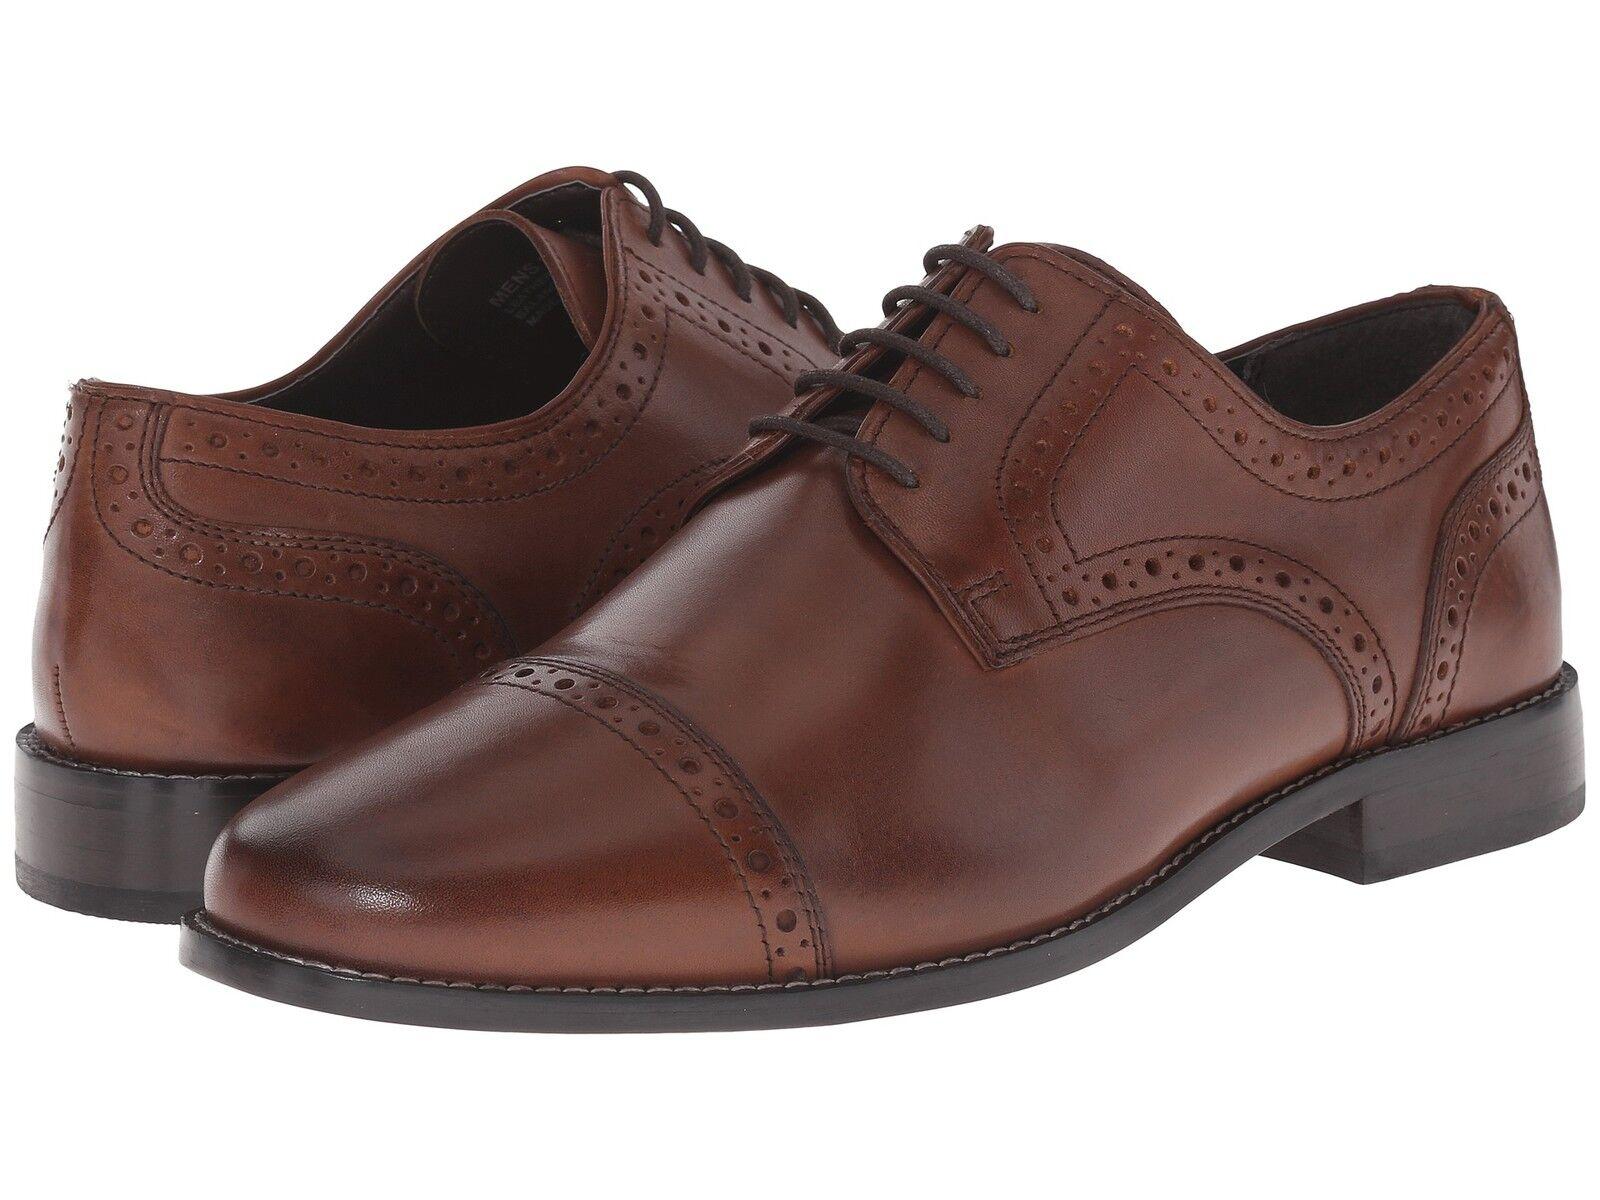 Nunn Bush Hombre Norcross Cap Toe Oxford Cuero Marrón Zapatos 84526-200